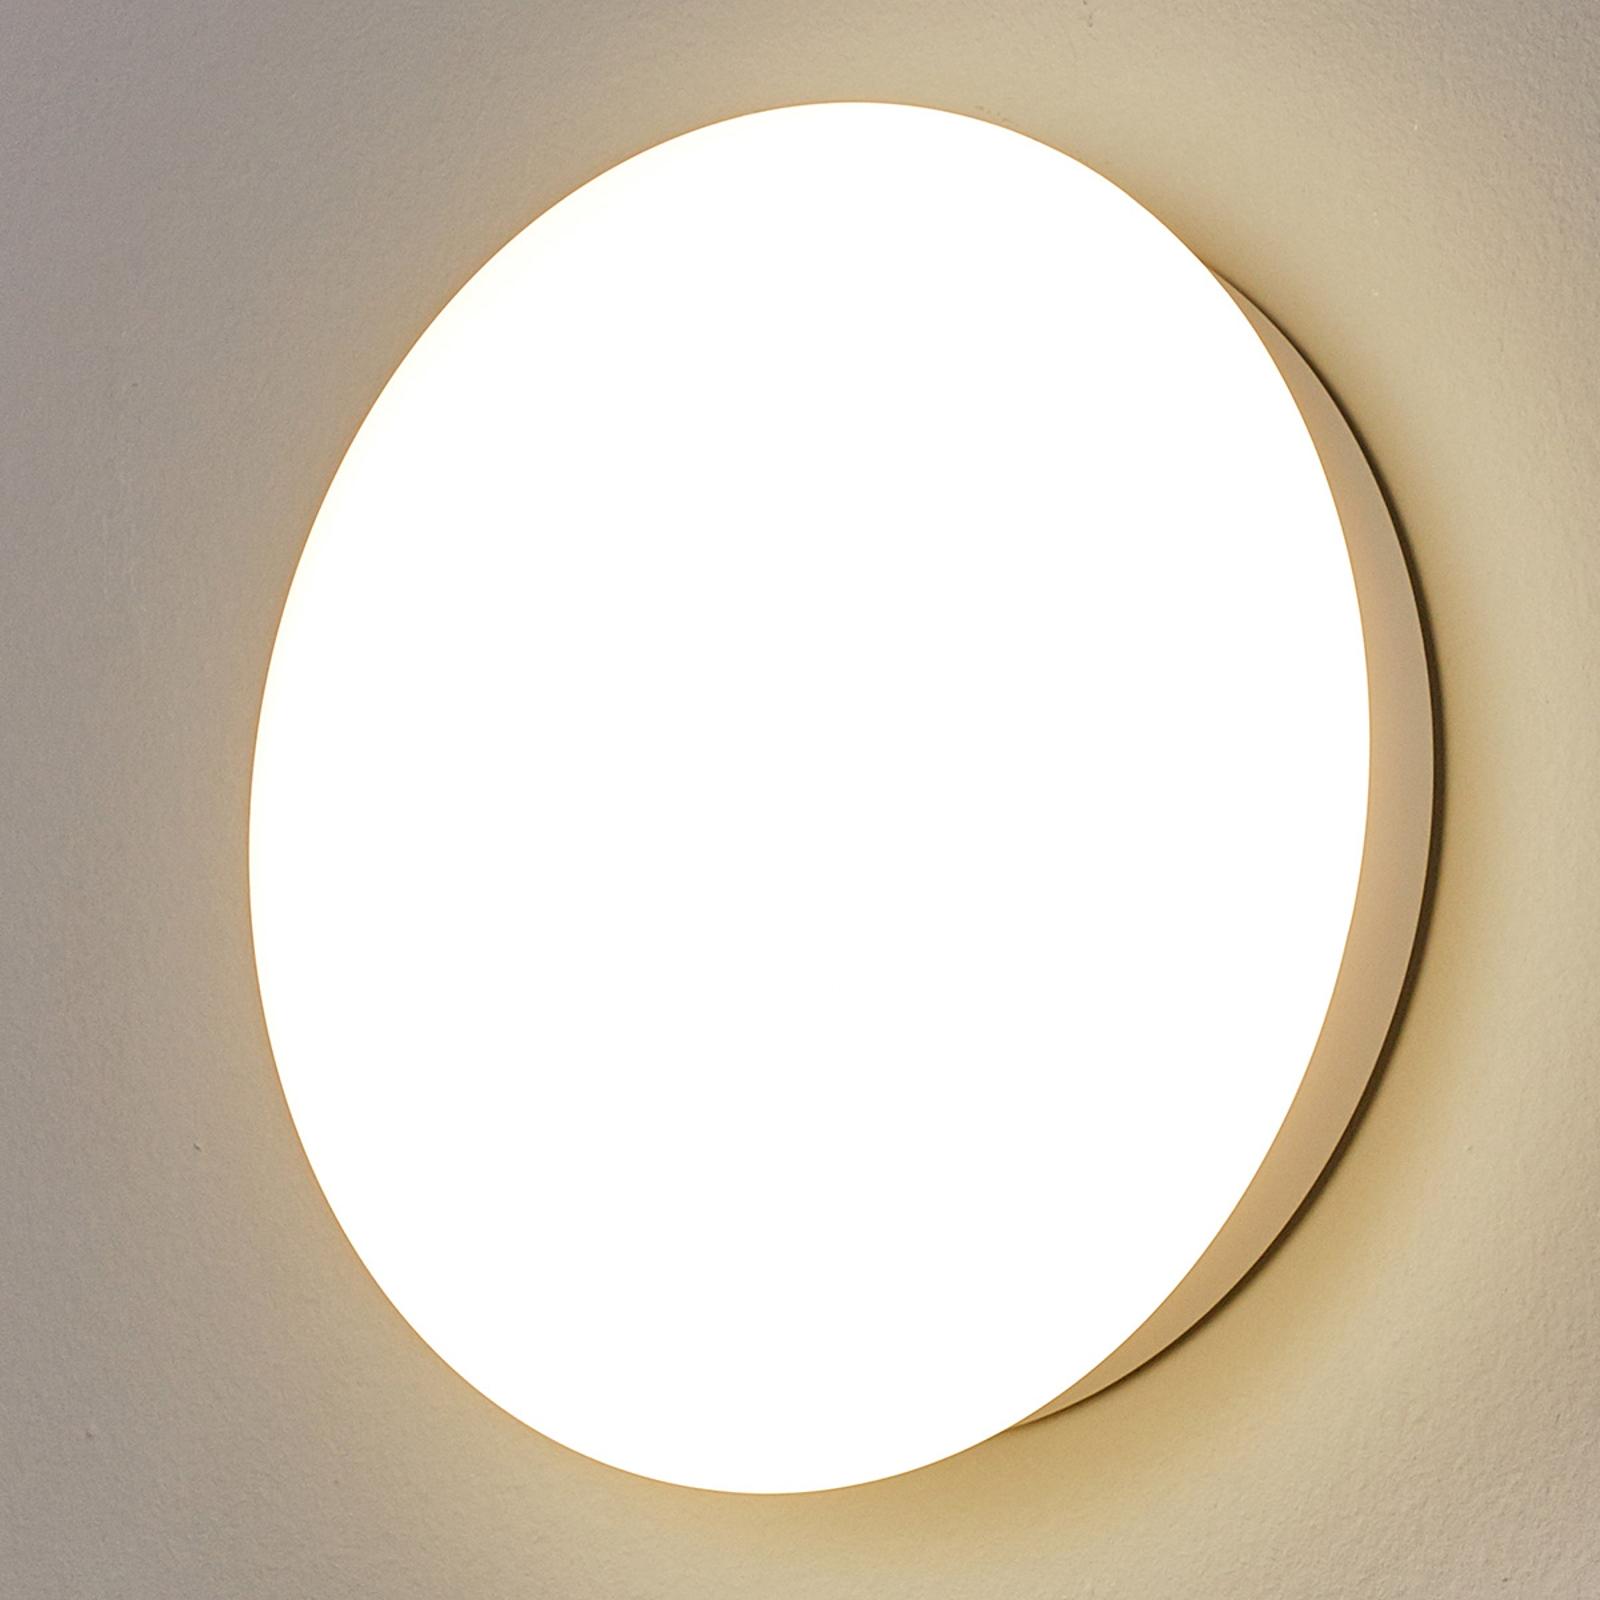 LED nástěnné světlo Sun 12 IP55, 13 W 3000K ww